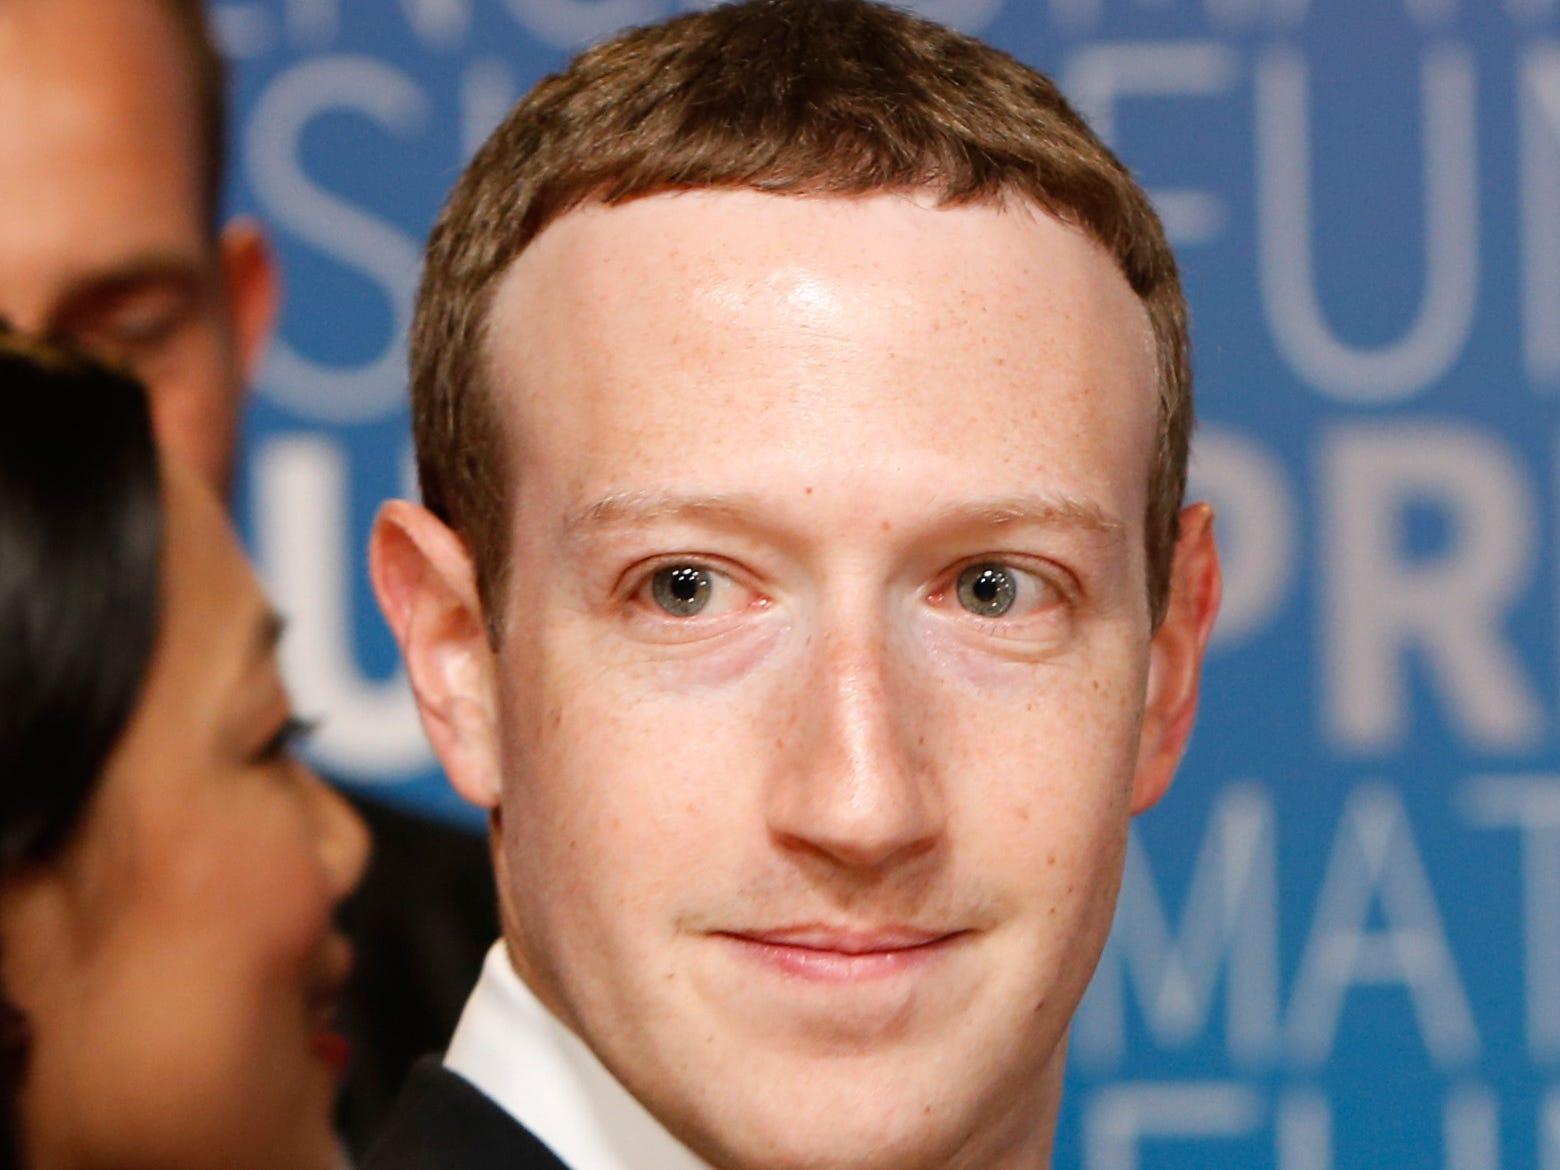 """Bị chê mái tóc """"ngố"""", tại sao ông chủ Facebook vẫn không đổi?"""